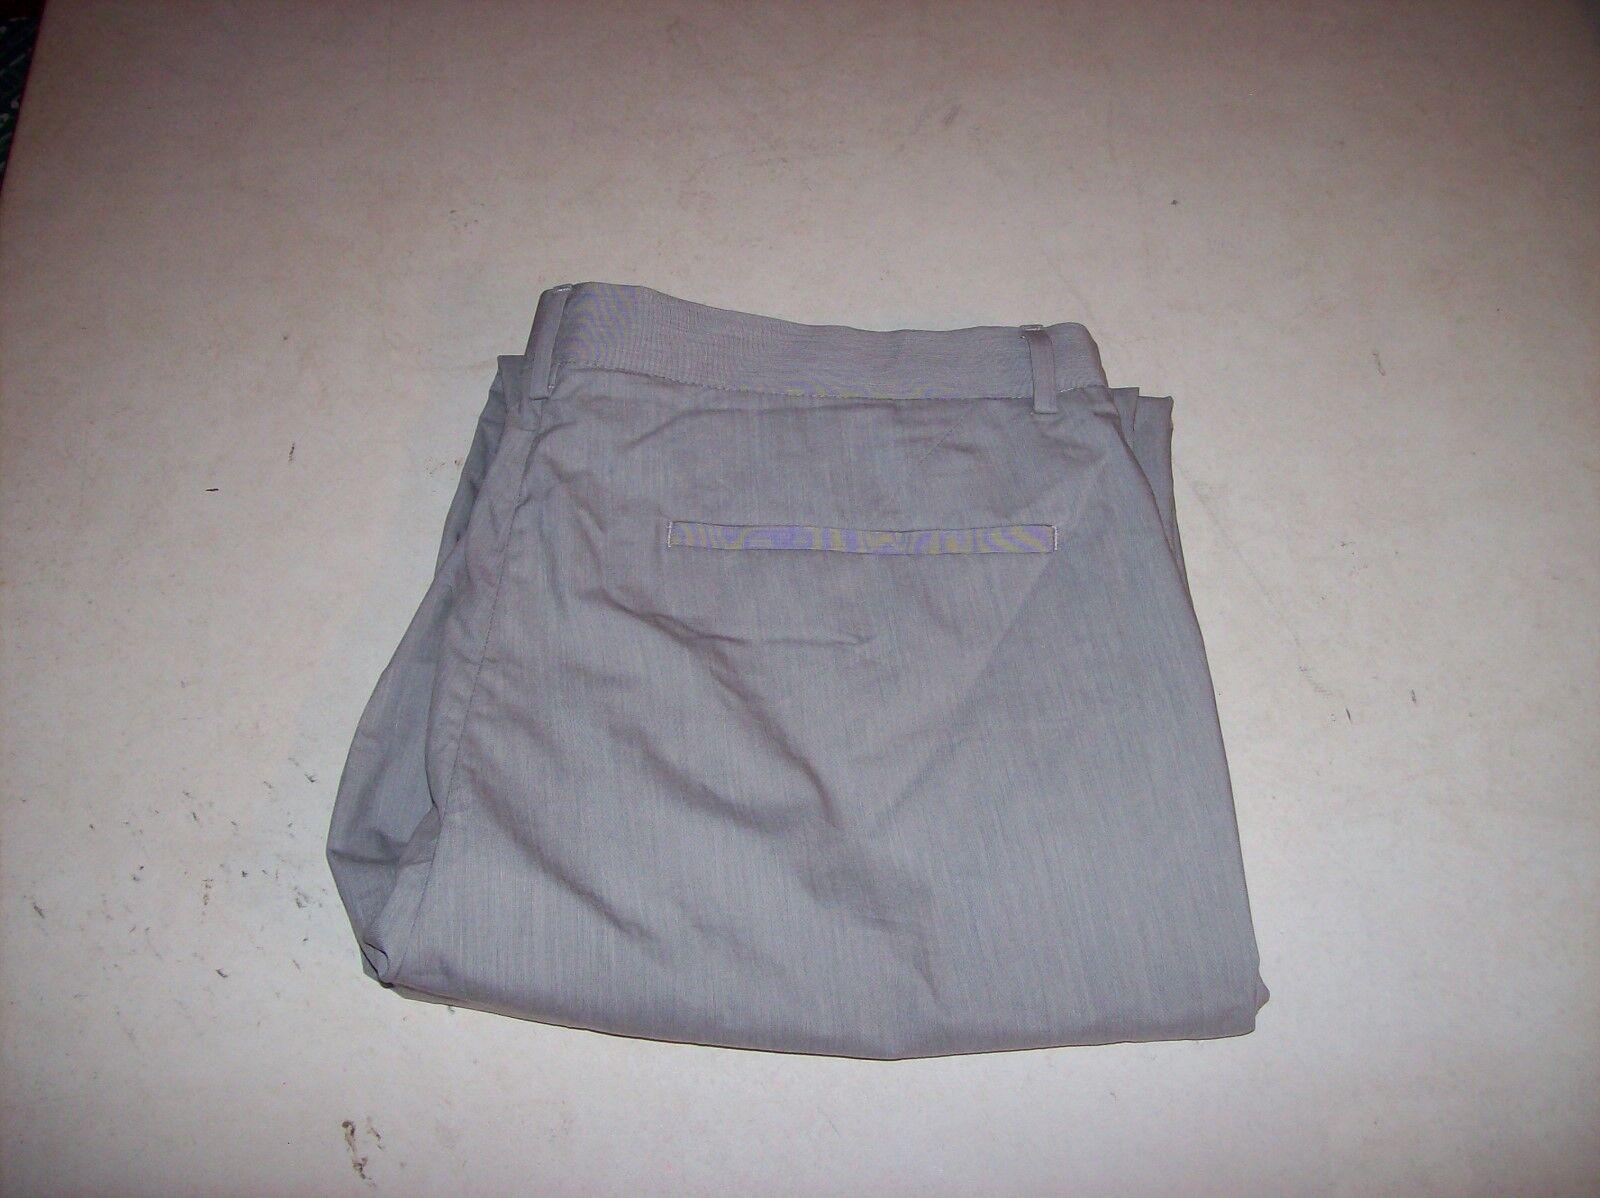 Calvin Klein Men's Body Fit Pants Size 36 x 32 SEE Measureme